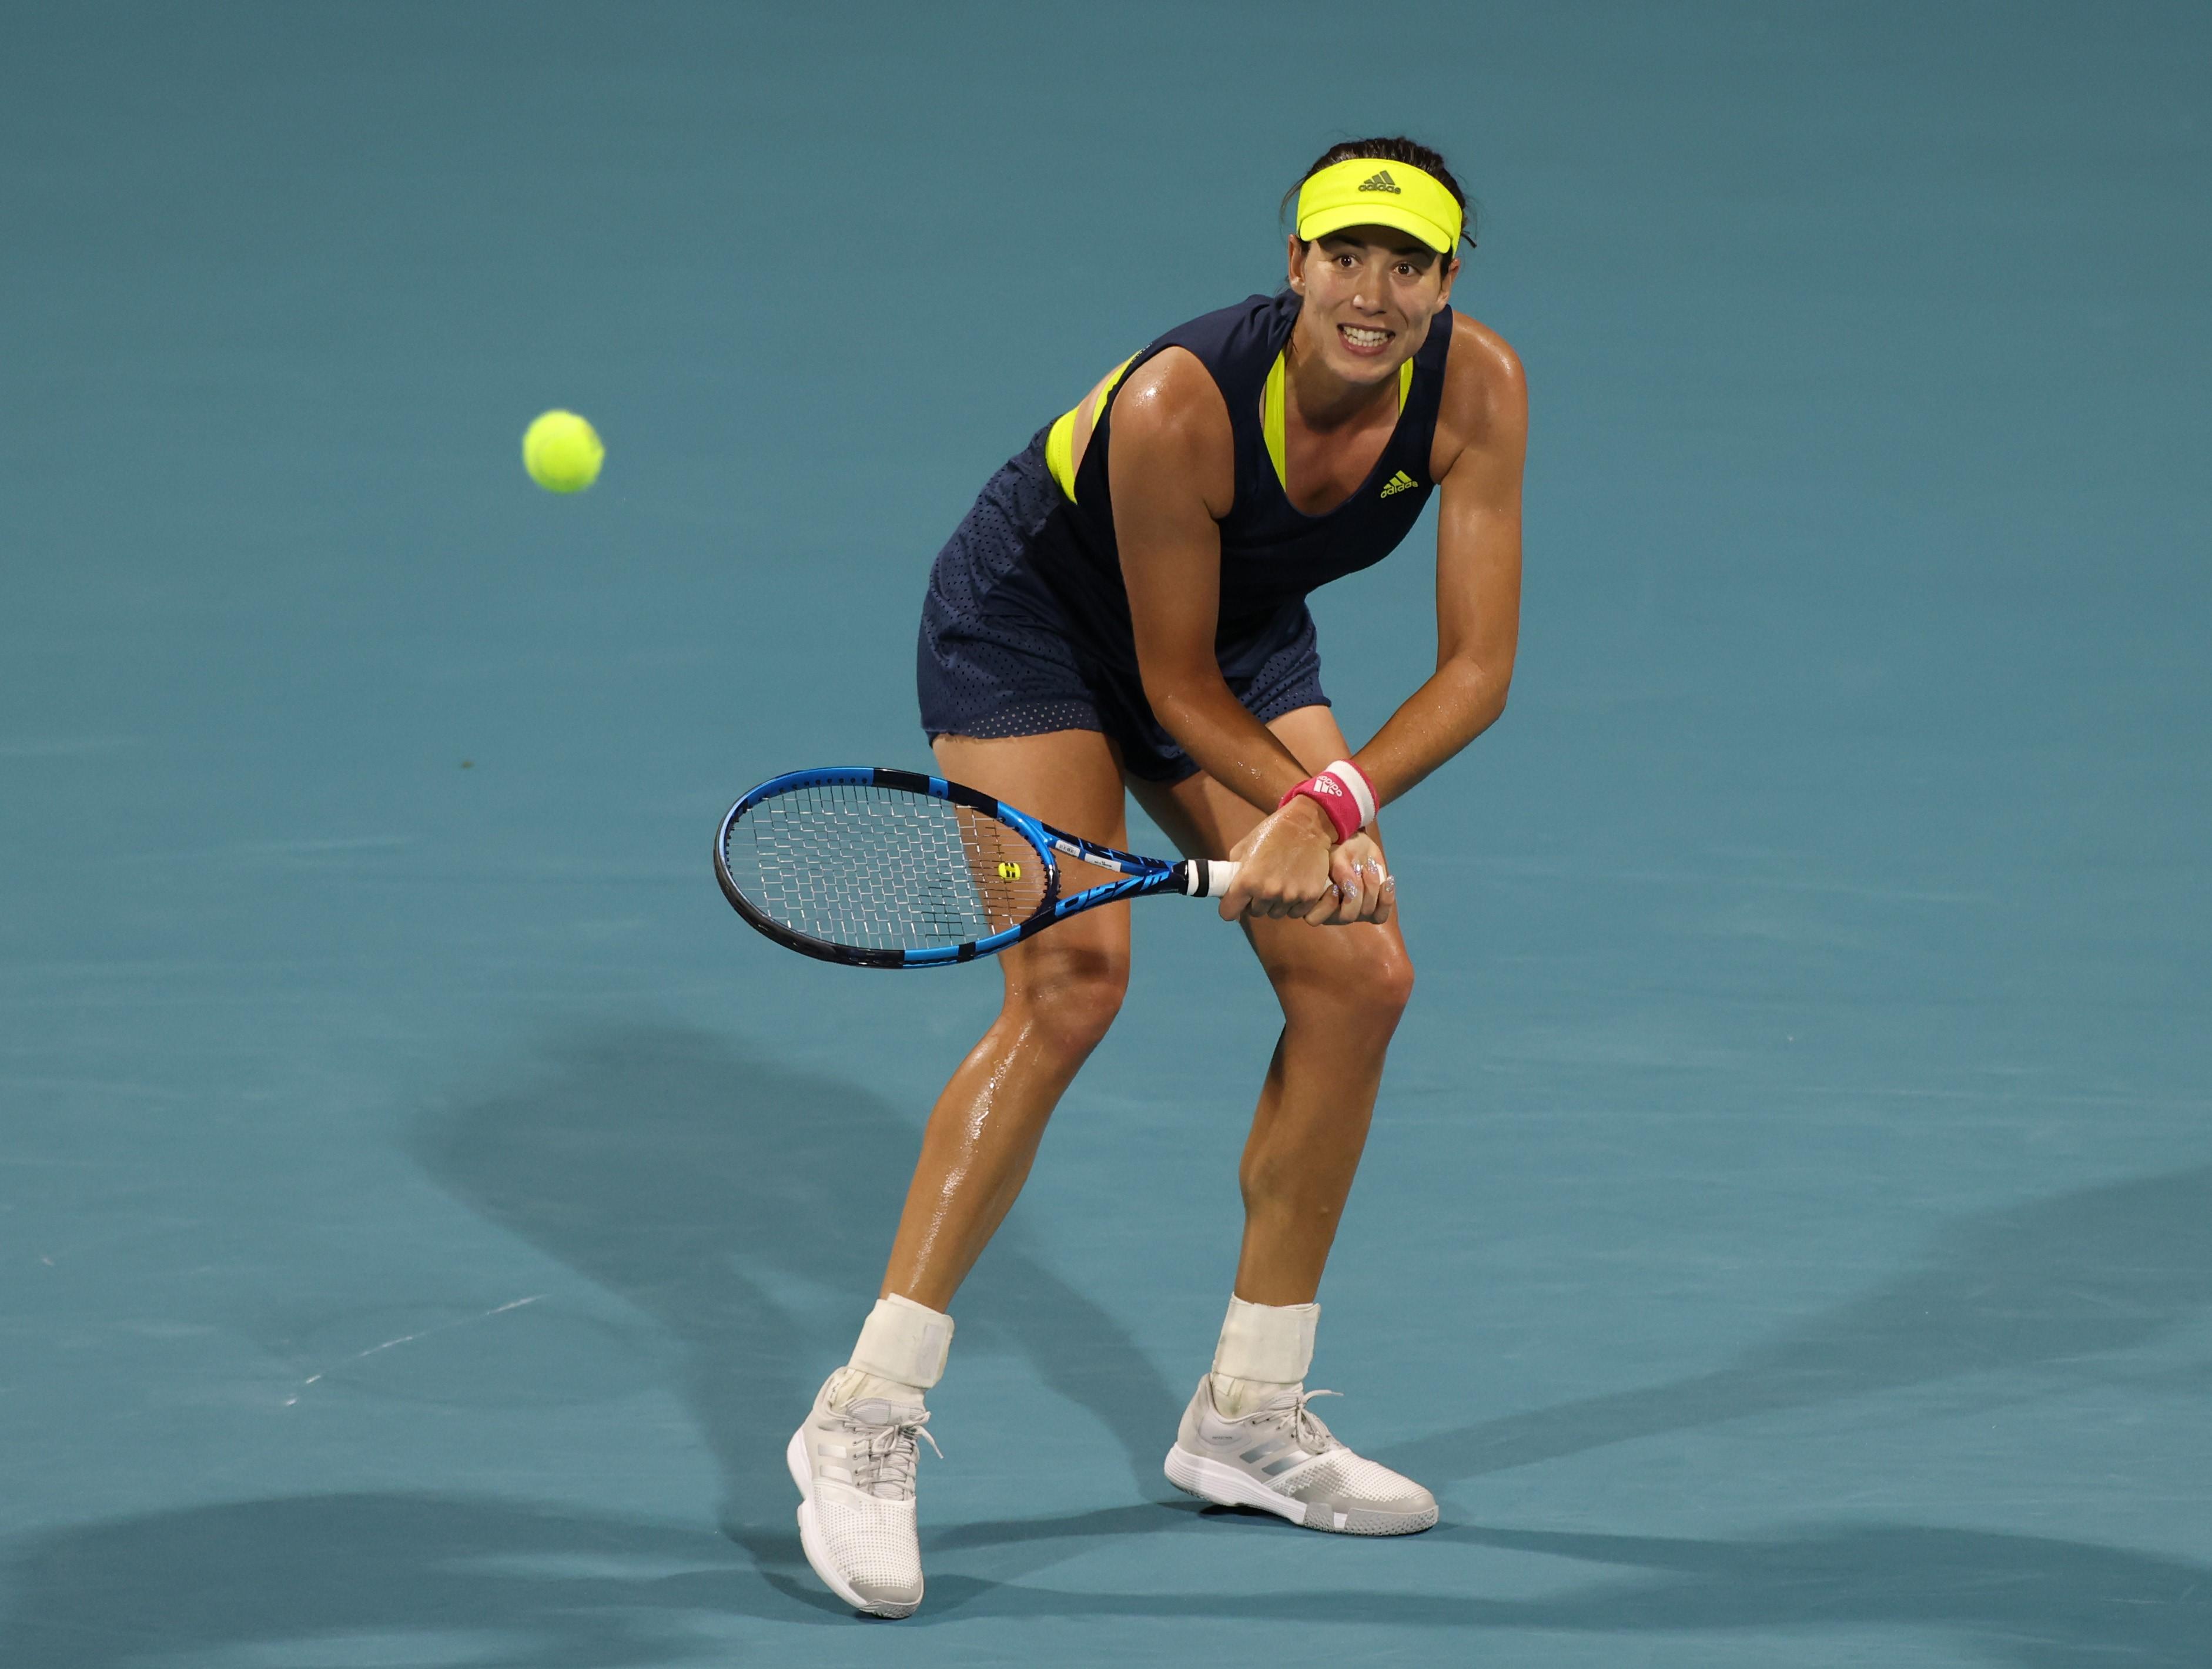 La euforia de Sara Sorribes, la decepción de Garbiñe Muguruza | Tenis